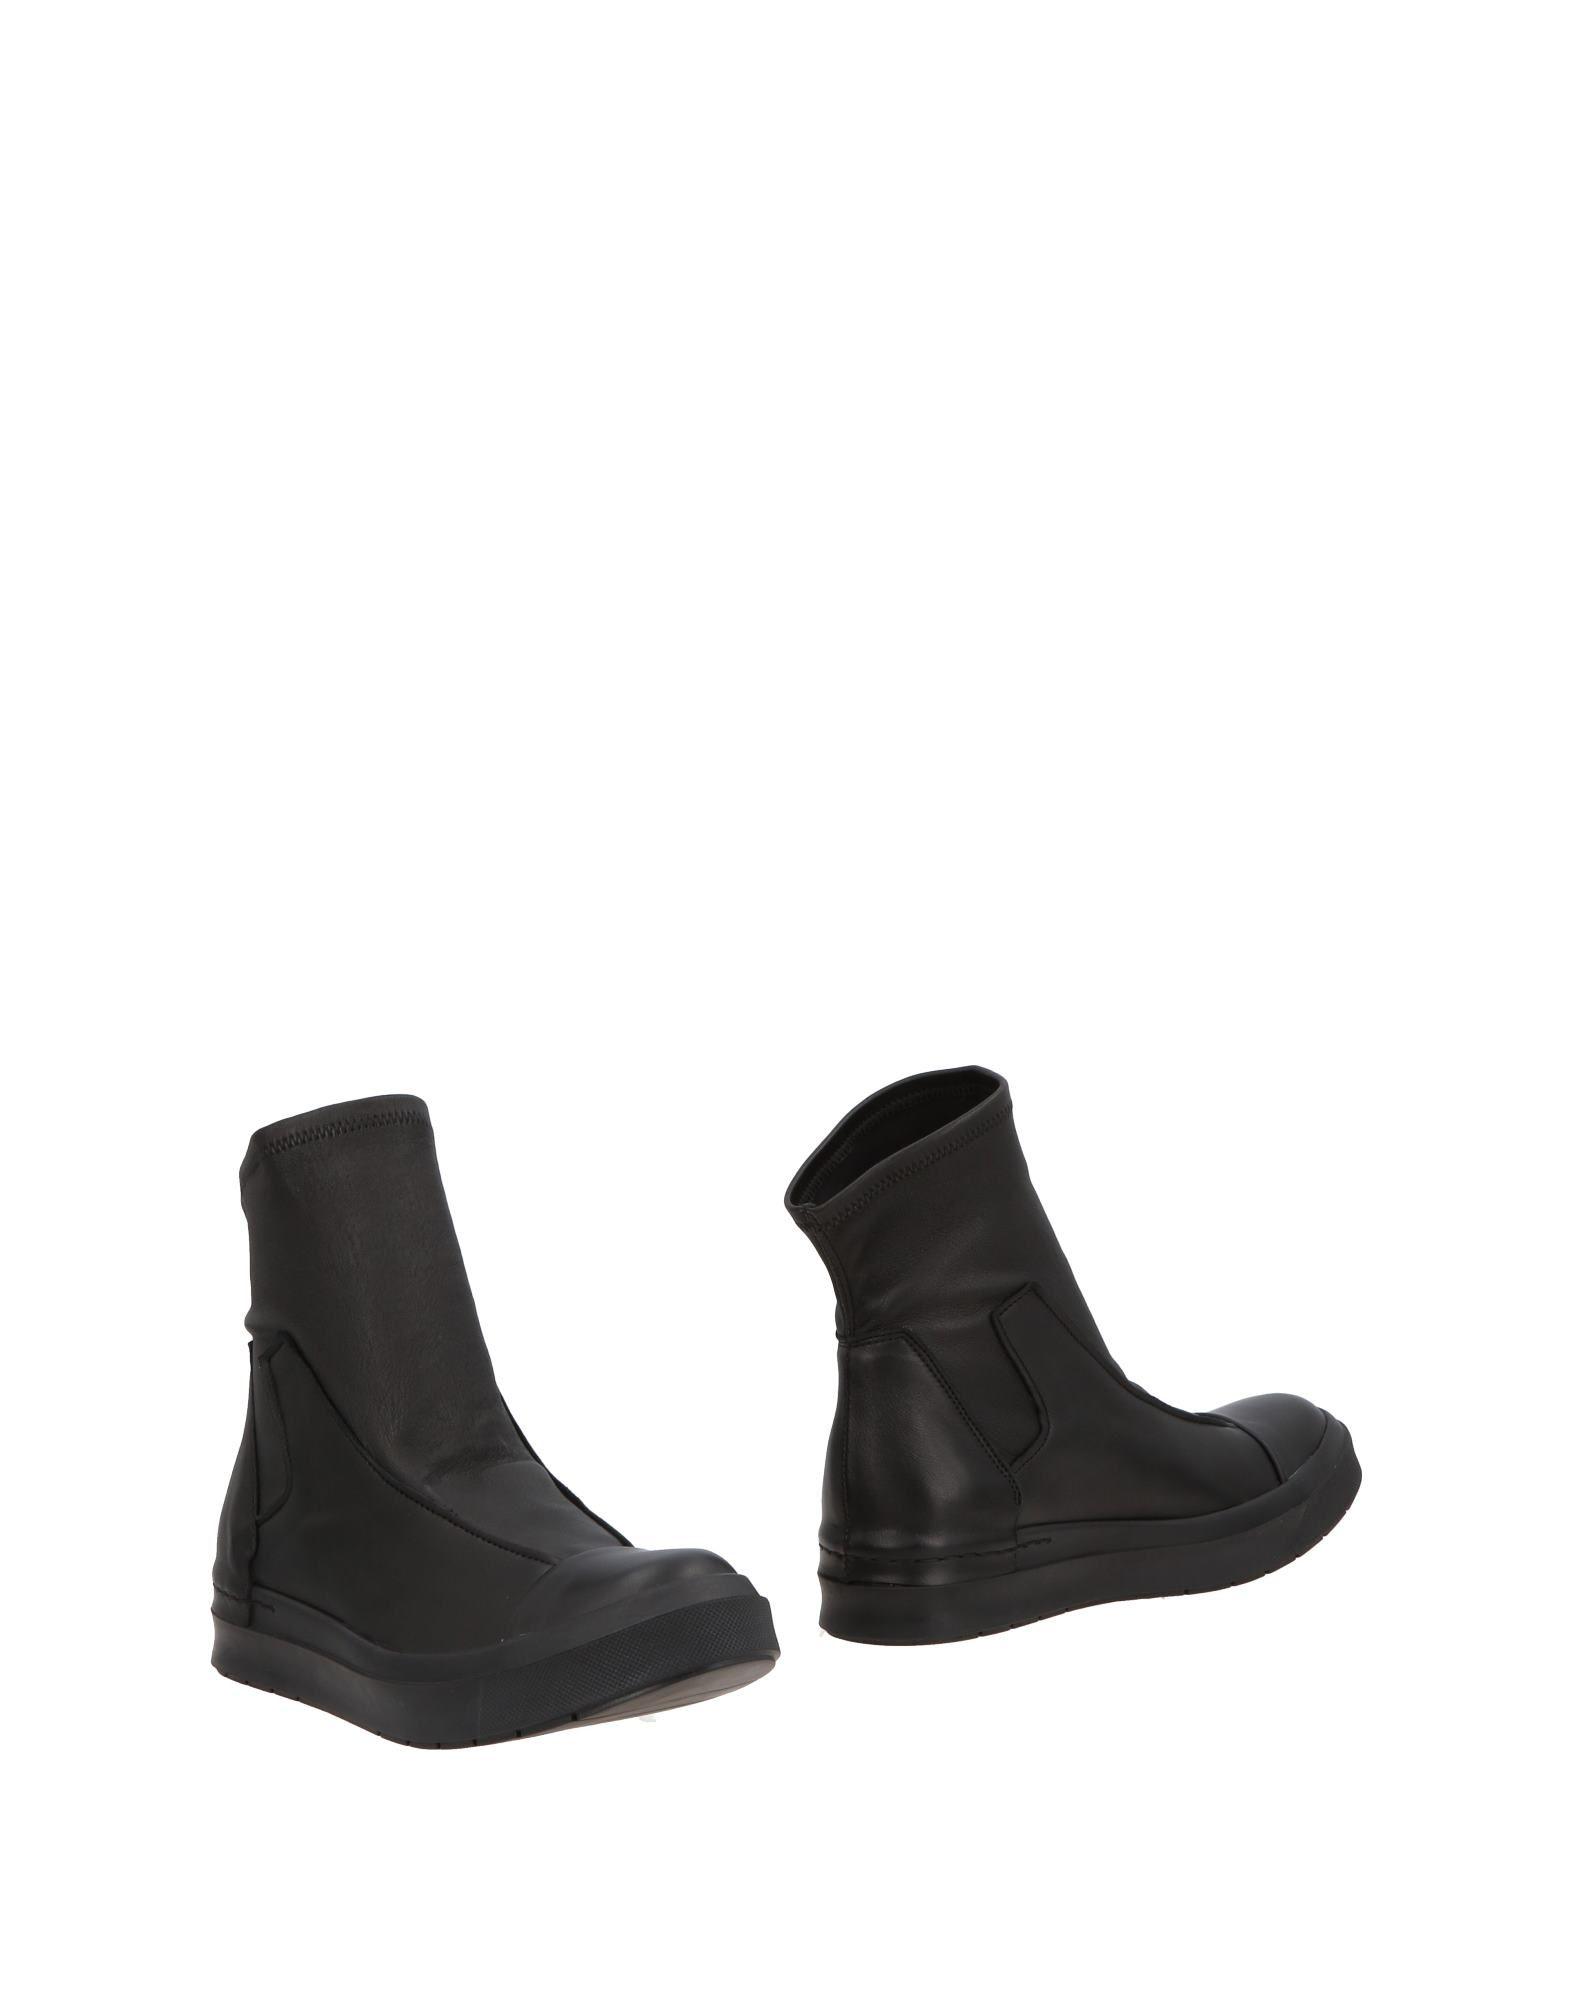 《送料無料》CINZIA ARAIA レディース ショートブーツ ブラック 37 革 80% / 牛革(カーフ) 20%